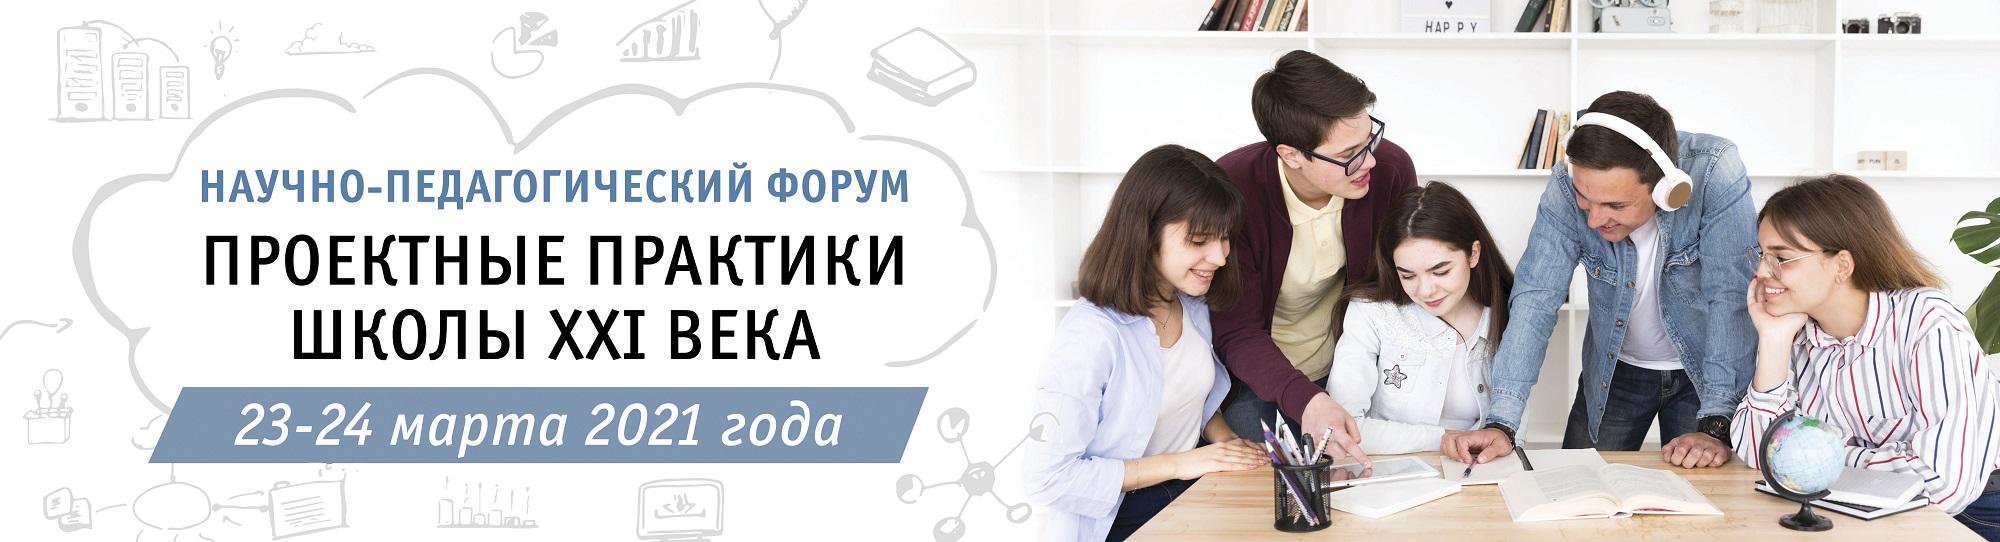 Школа 21 века 2